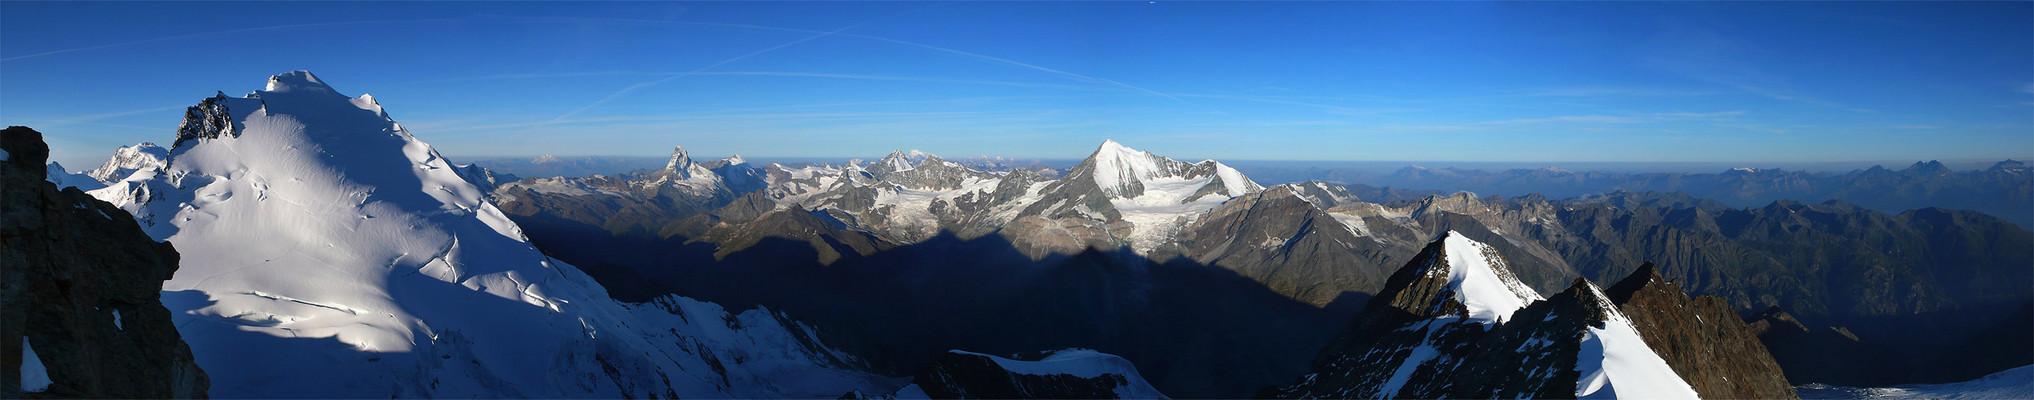 Dom - Matterhorn - Weishorn